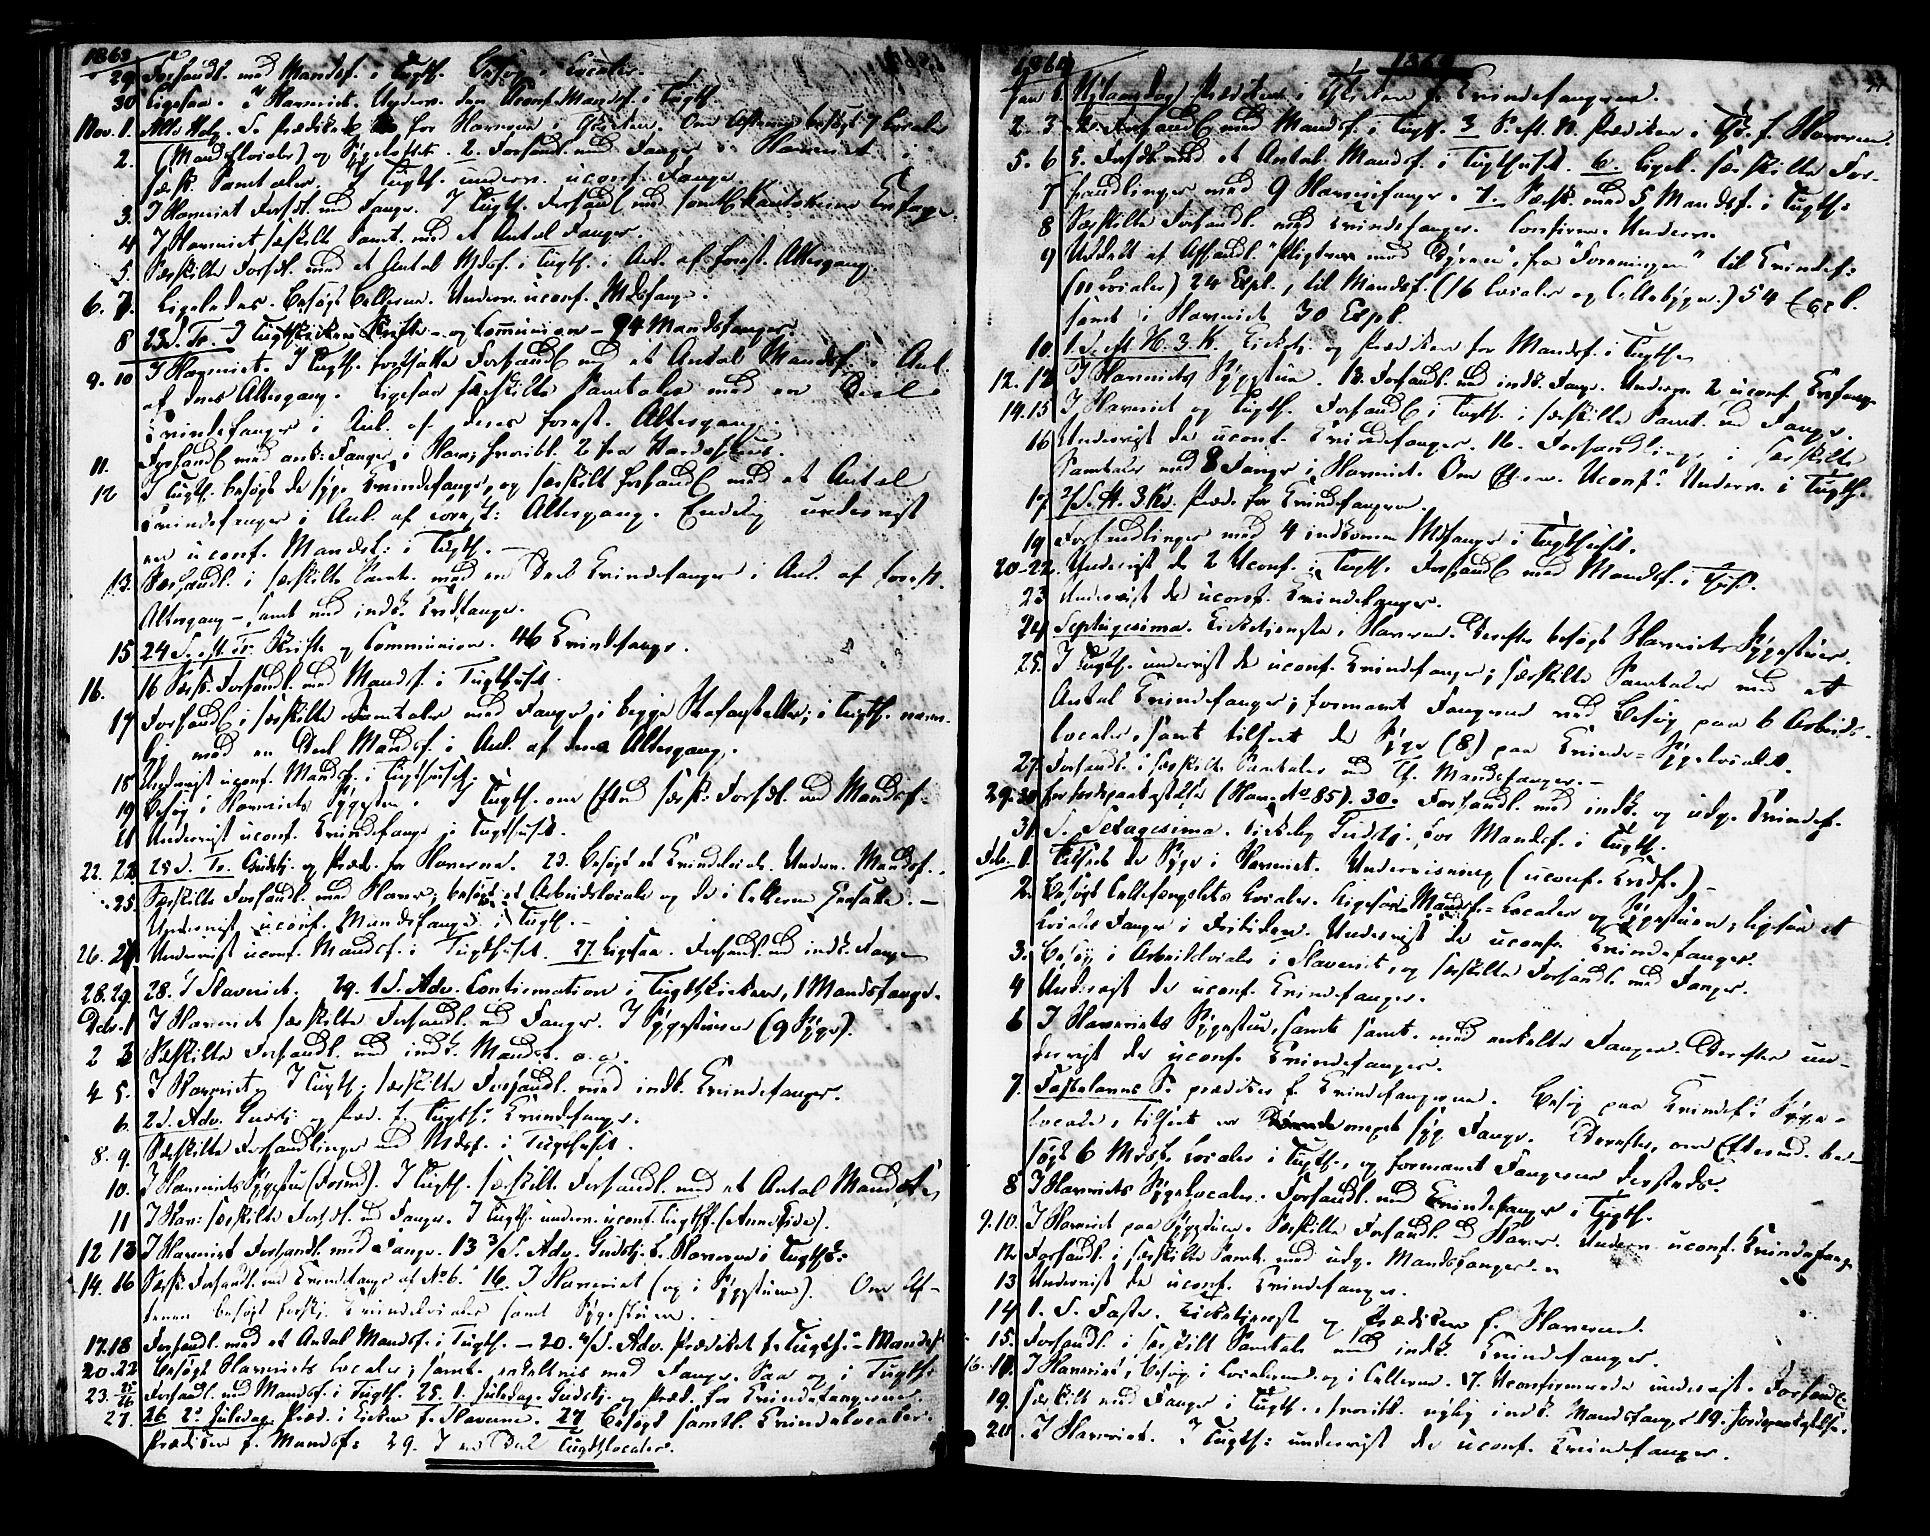 SAT, Ministerialprotokoller, klokkerbøker og fødselsregistre - Sør-Trøndelag, 624/L0481: Ministerialbok nr. 624A02, 1841-1869, s. 51